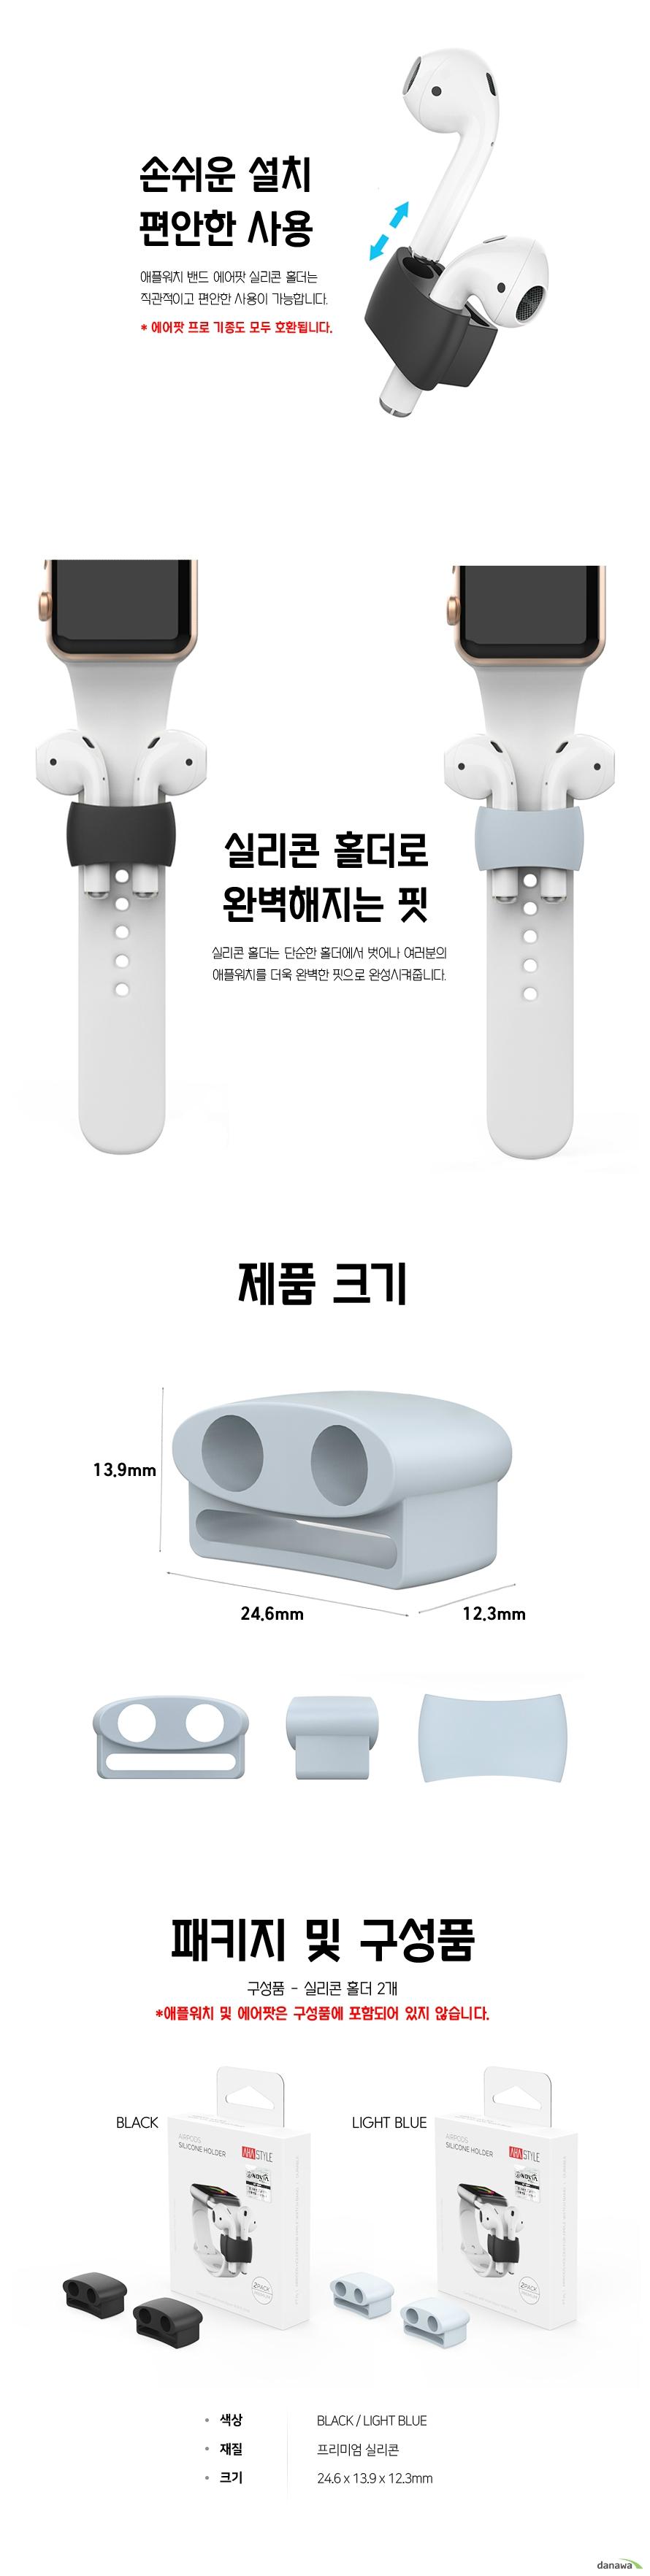 아이노비아  AHASTYLE 애플워치 밴드 에어팟 실리콘 홀더